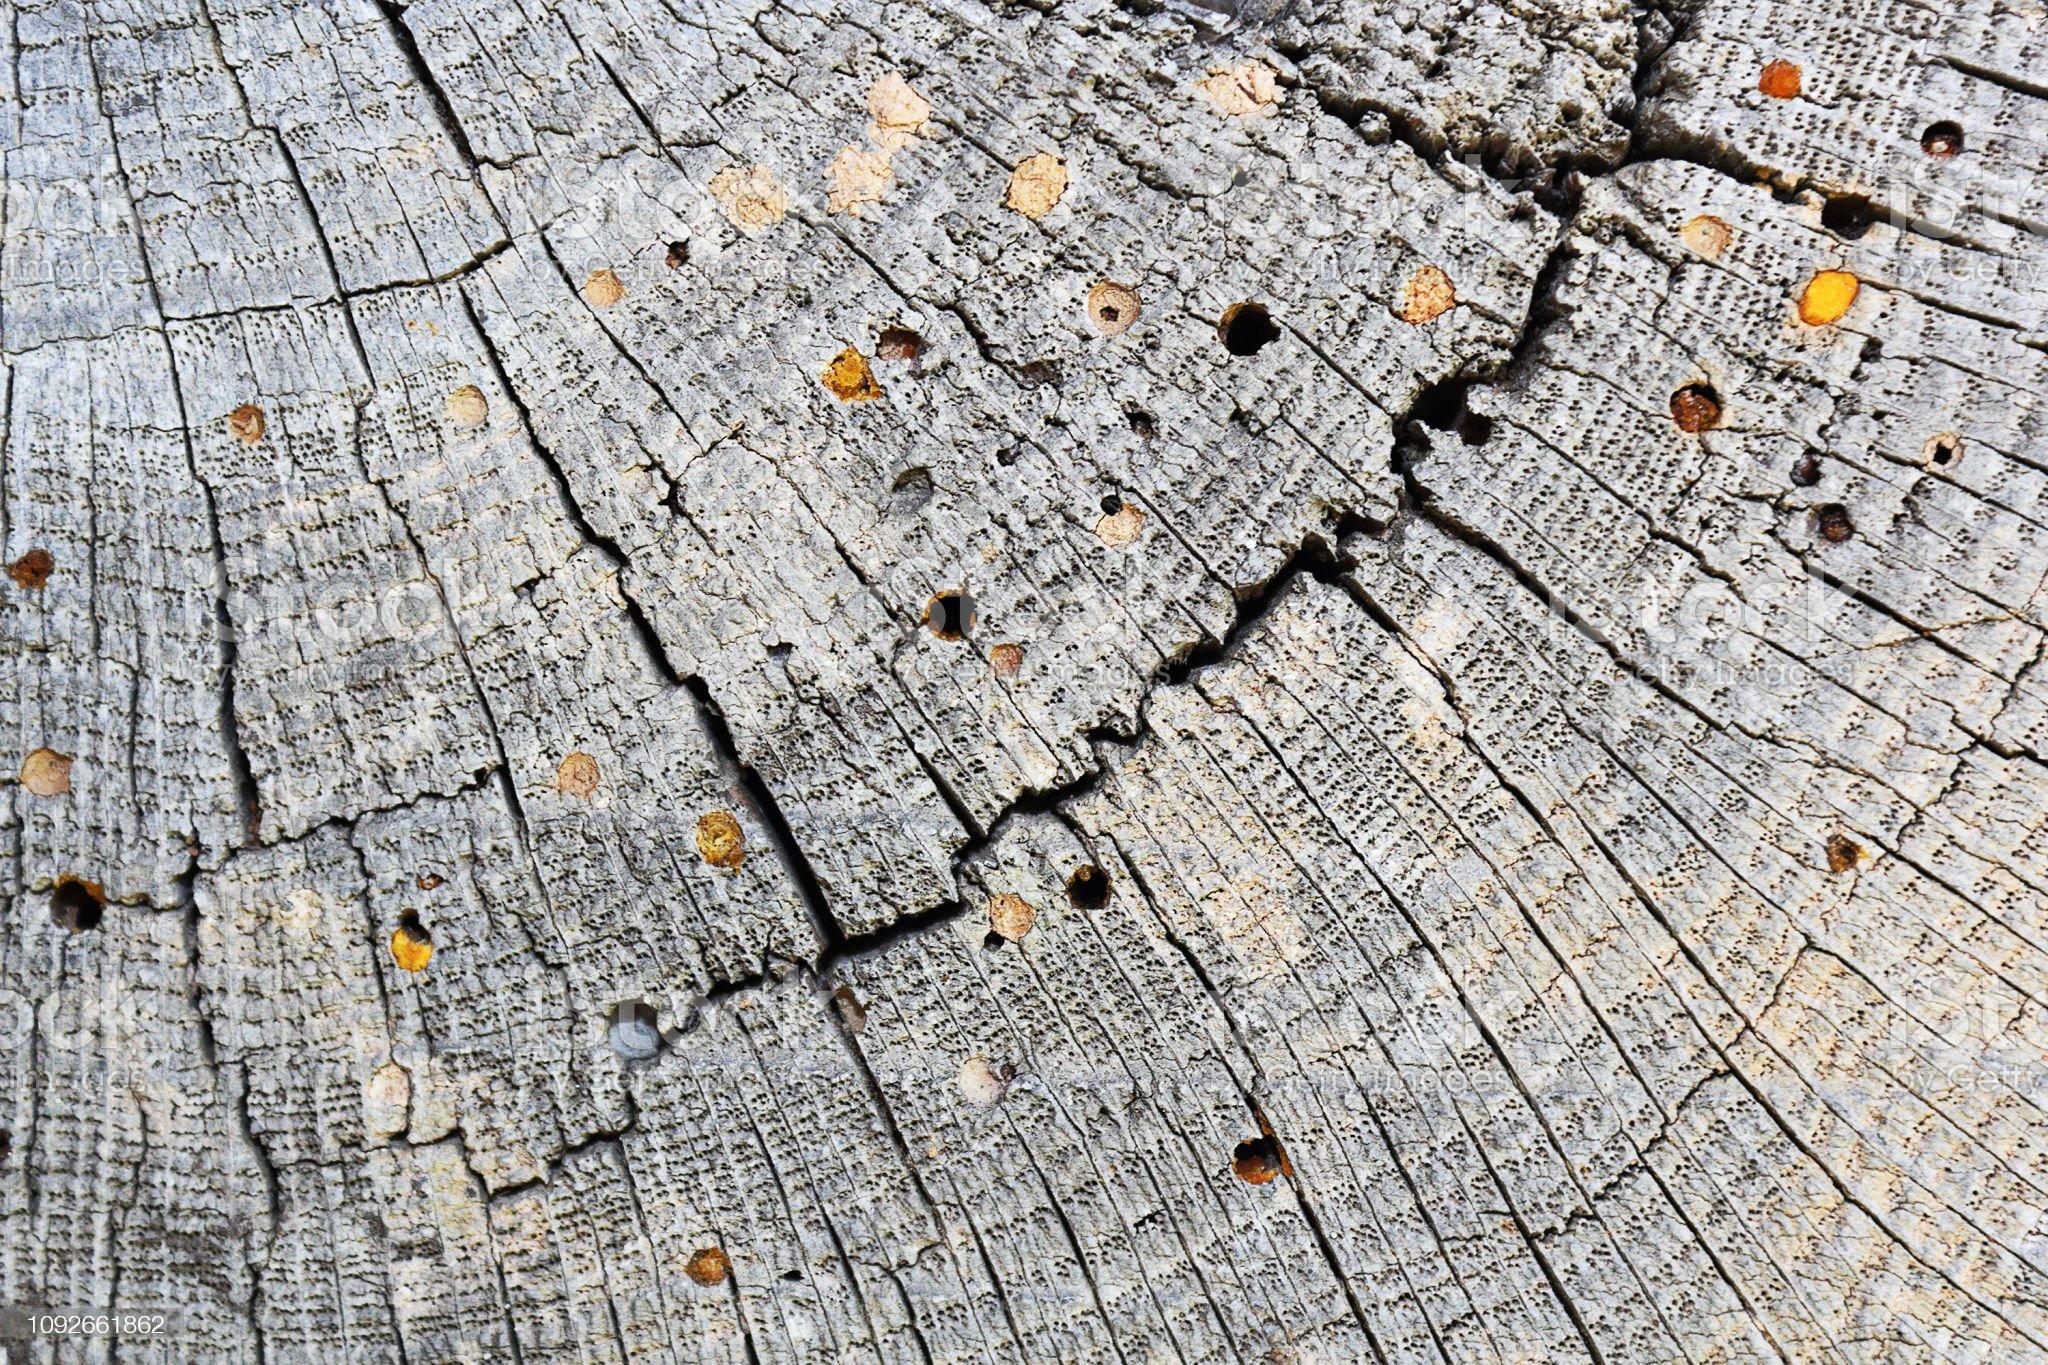 perce-bois bois attaque sur les vieilles poutres en bois, texture photo libre de droits